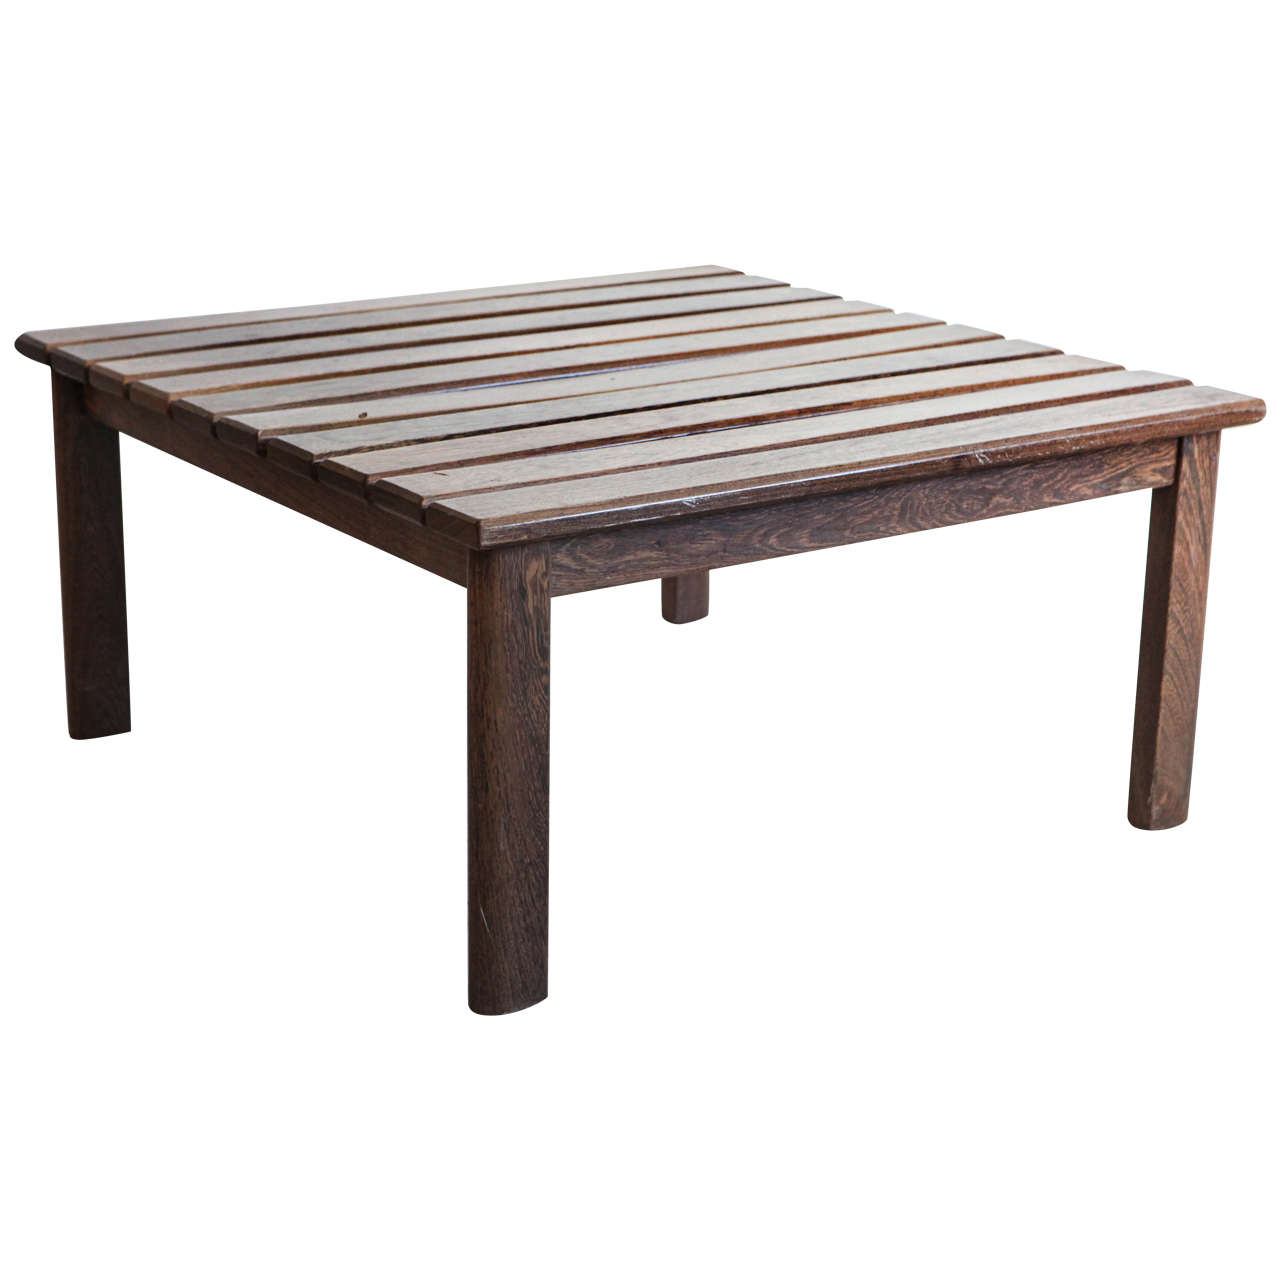 Slatted Teak Square Coffee Table At 1stdibs